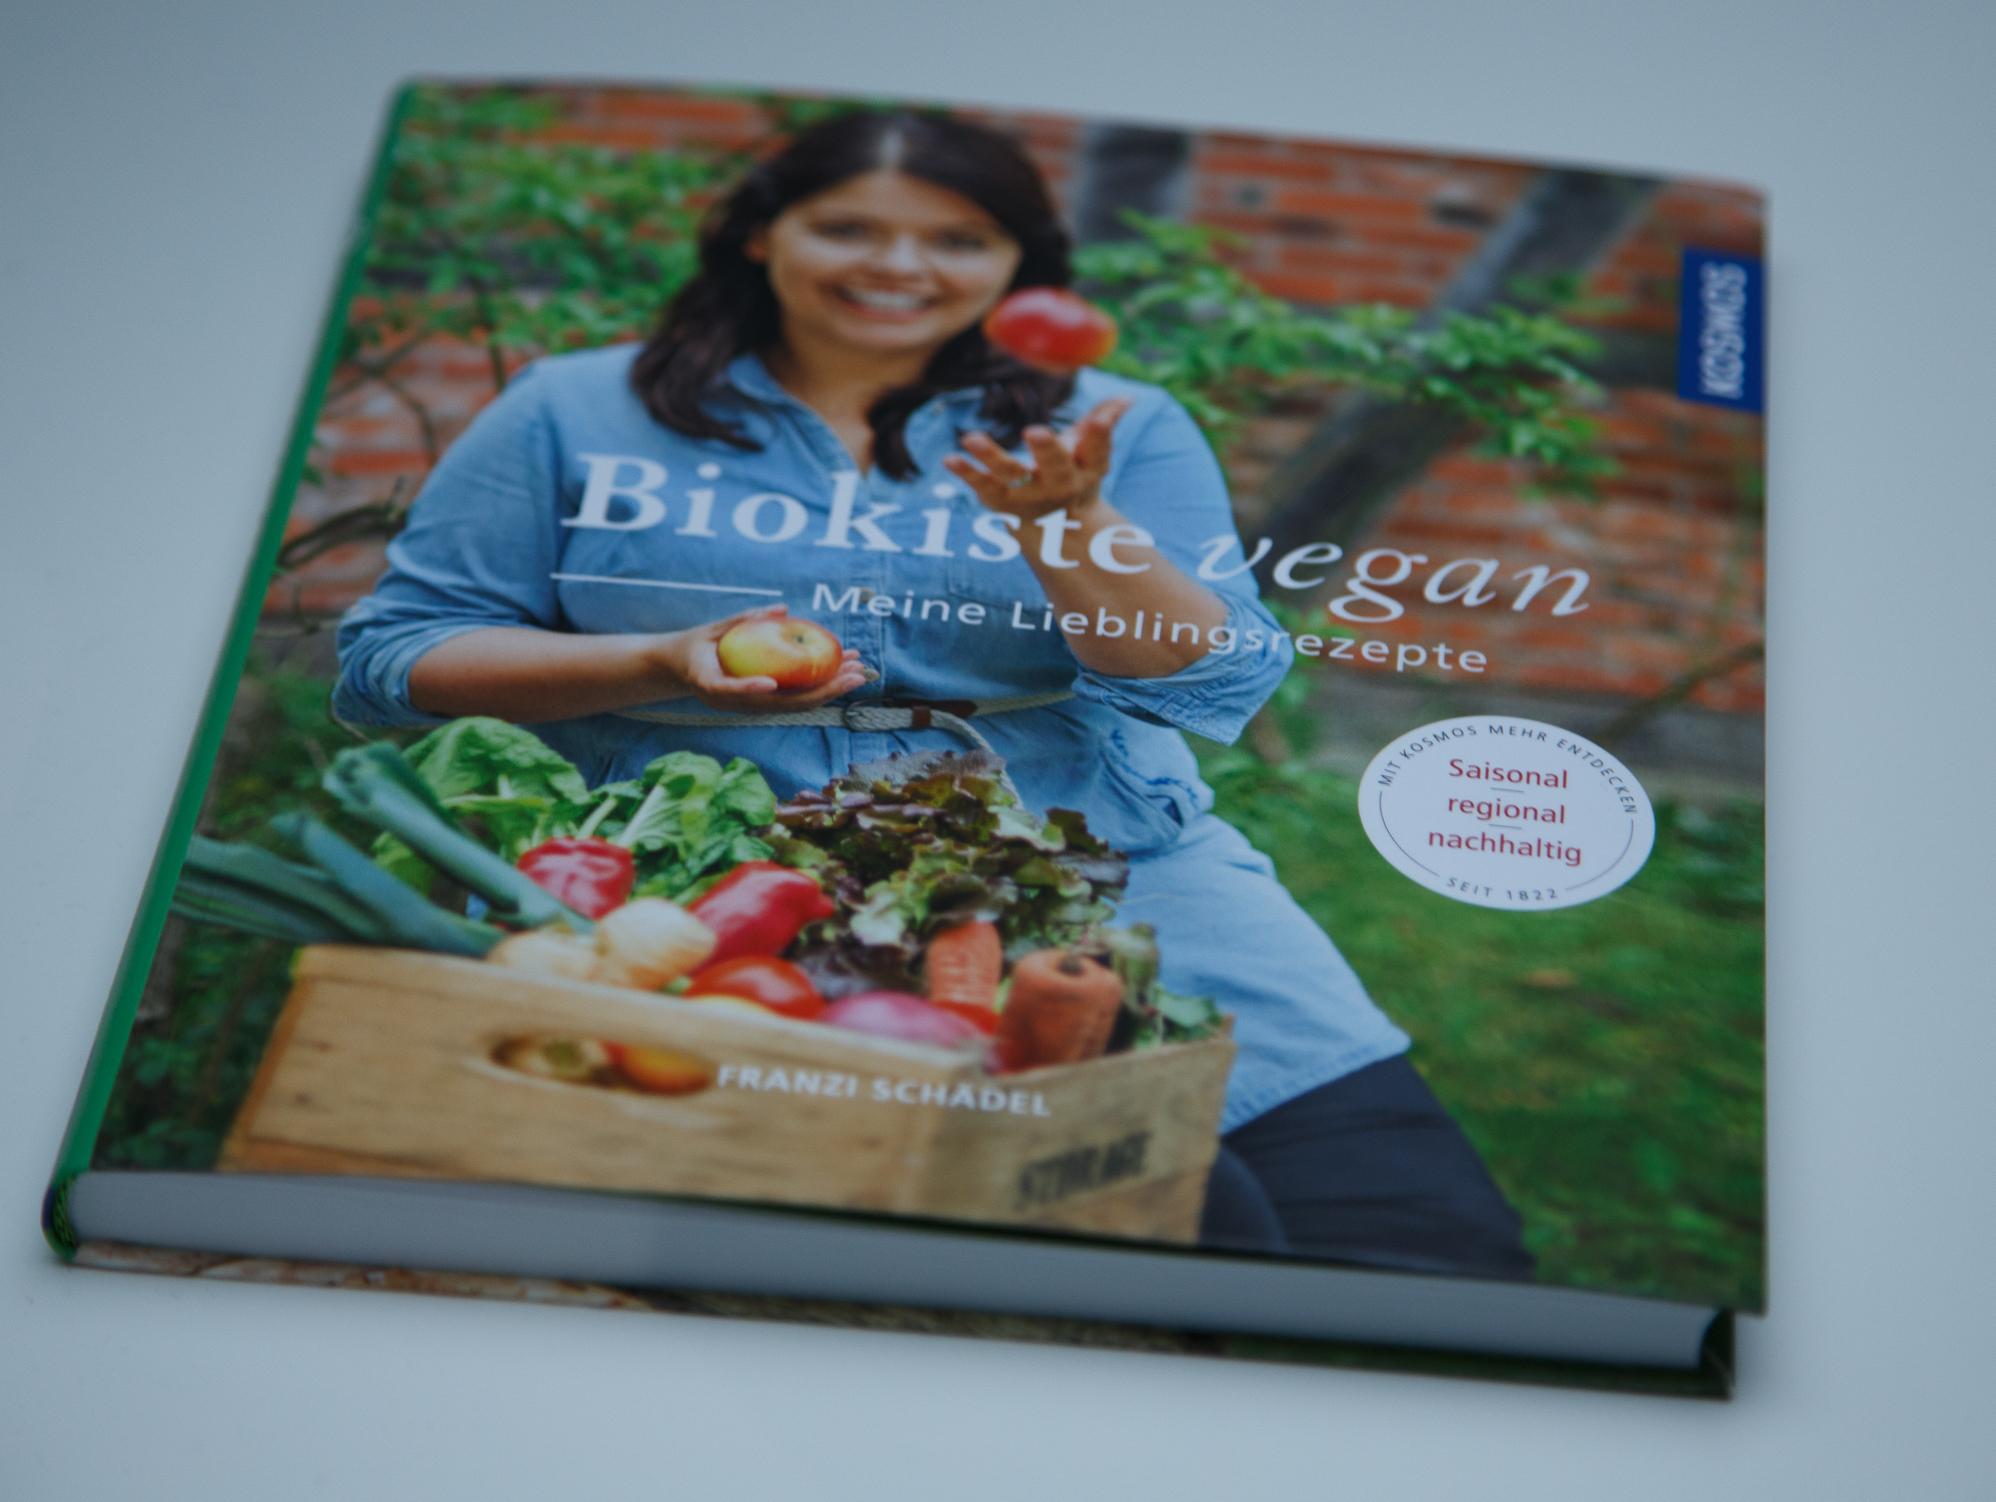 Biokiste vegan von Franzi Schädel © Franckh Kosmos Verlag